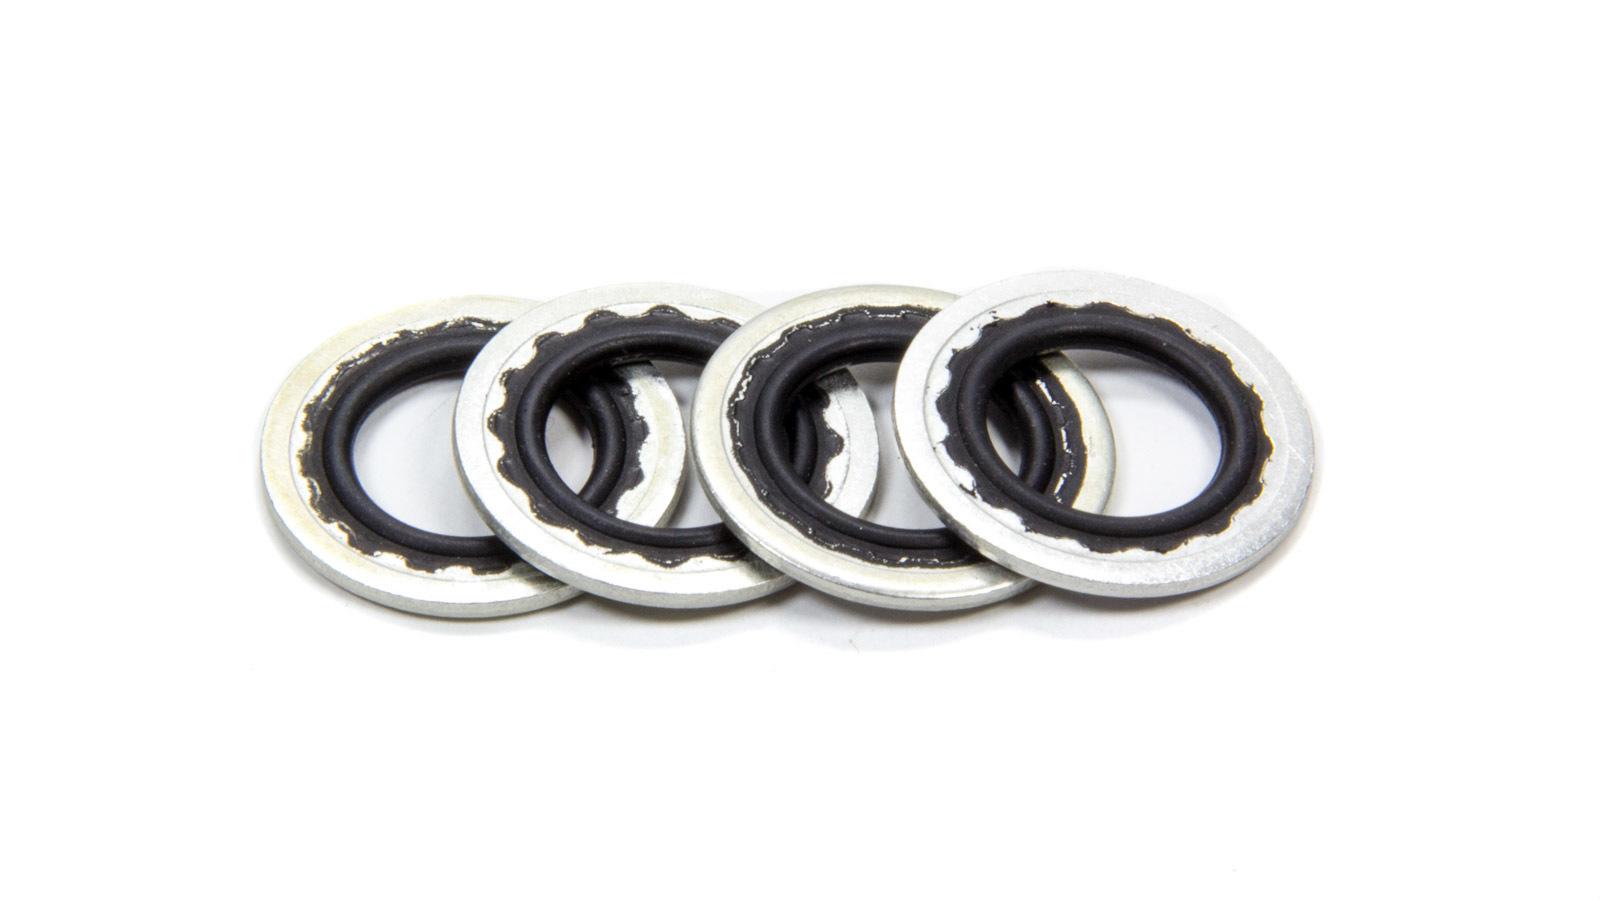 Sealing Washer (4)